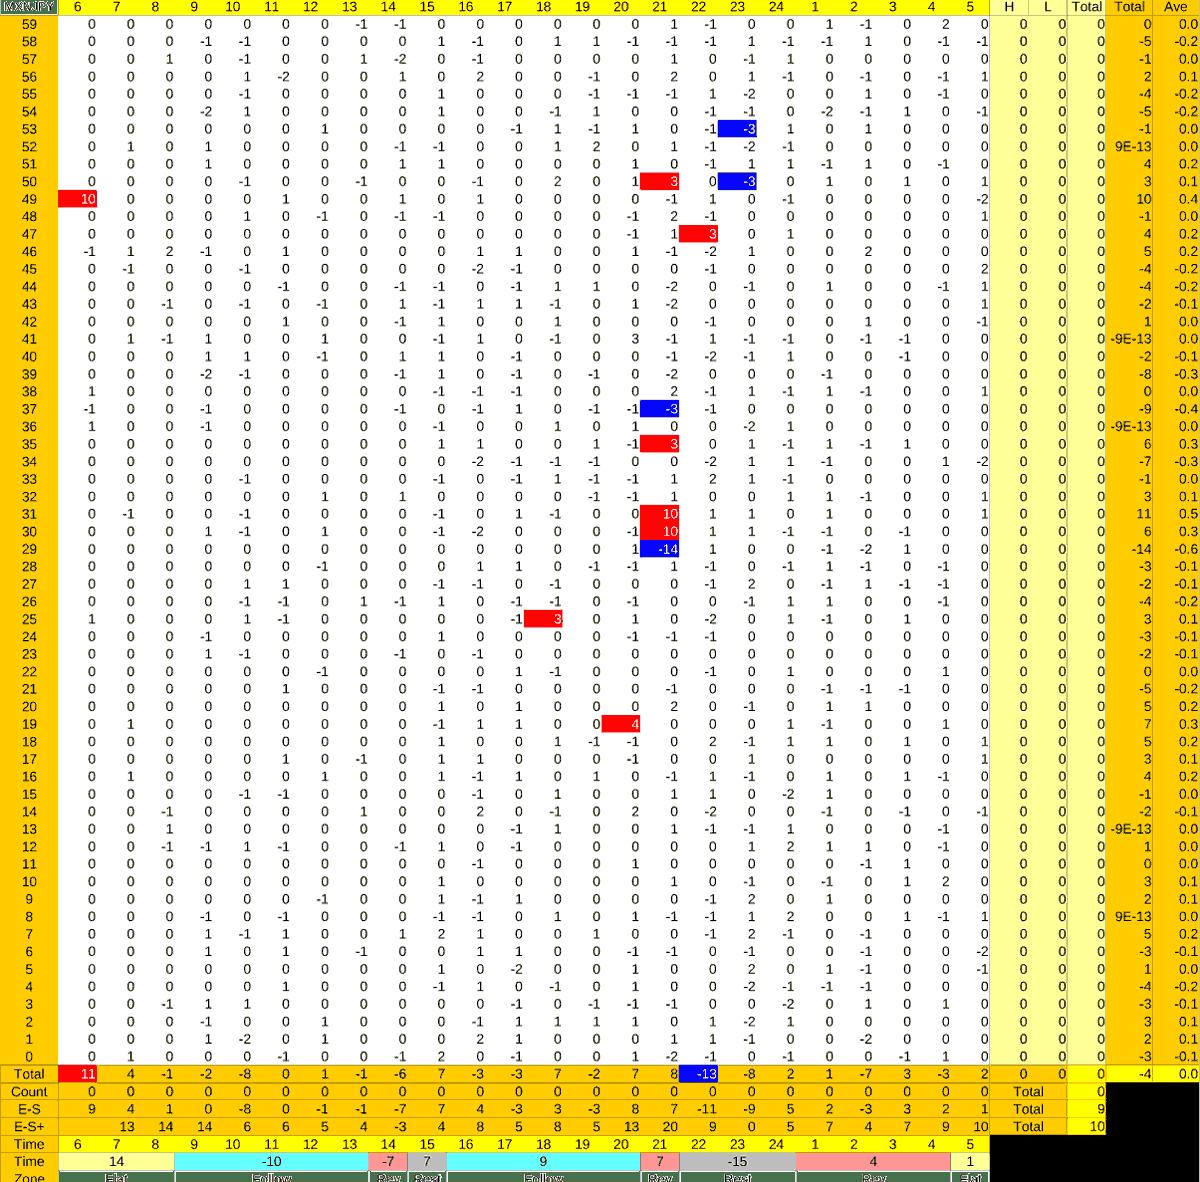 20210916_HS(3)MXNJPY-min